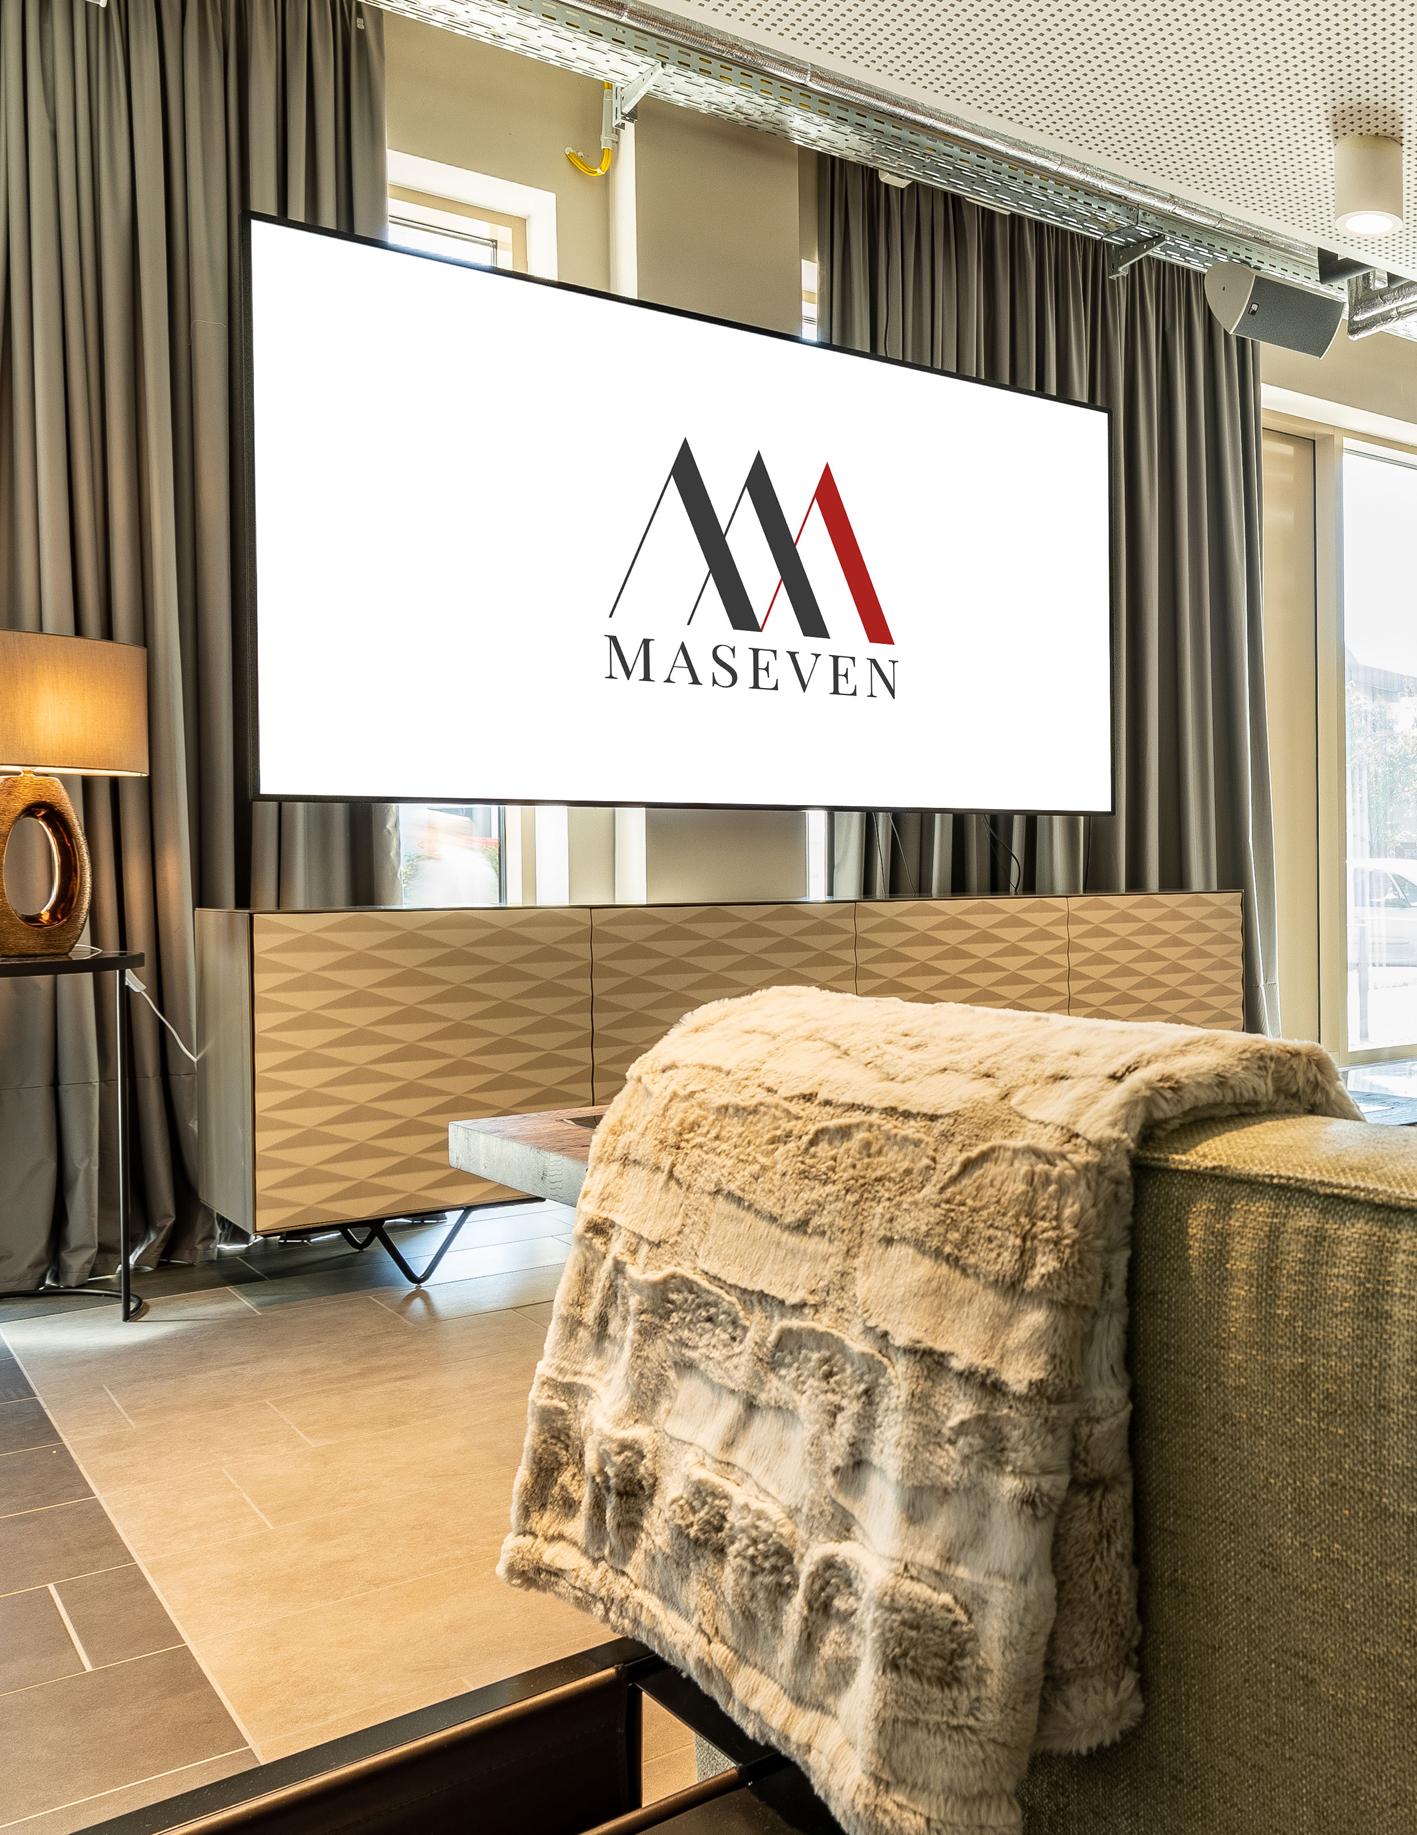 Cross buffet + Maseven Hotel